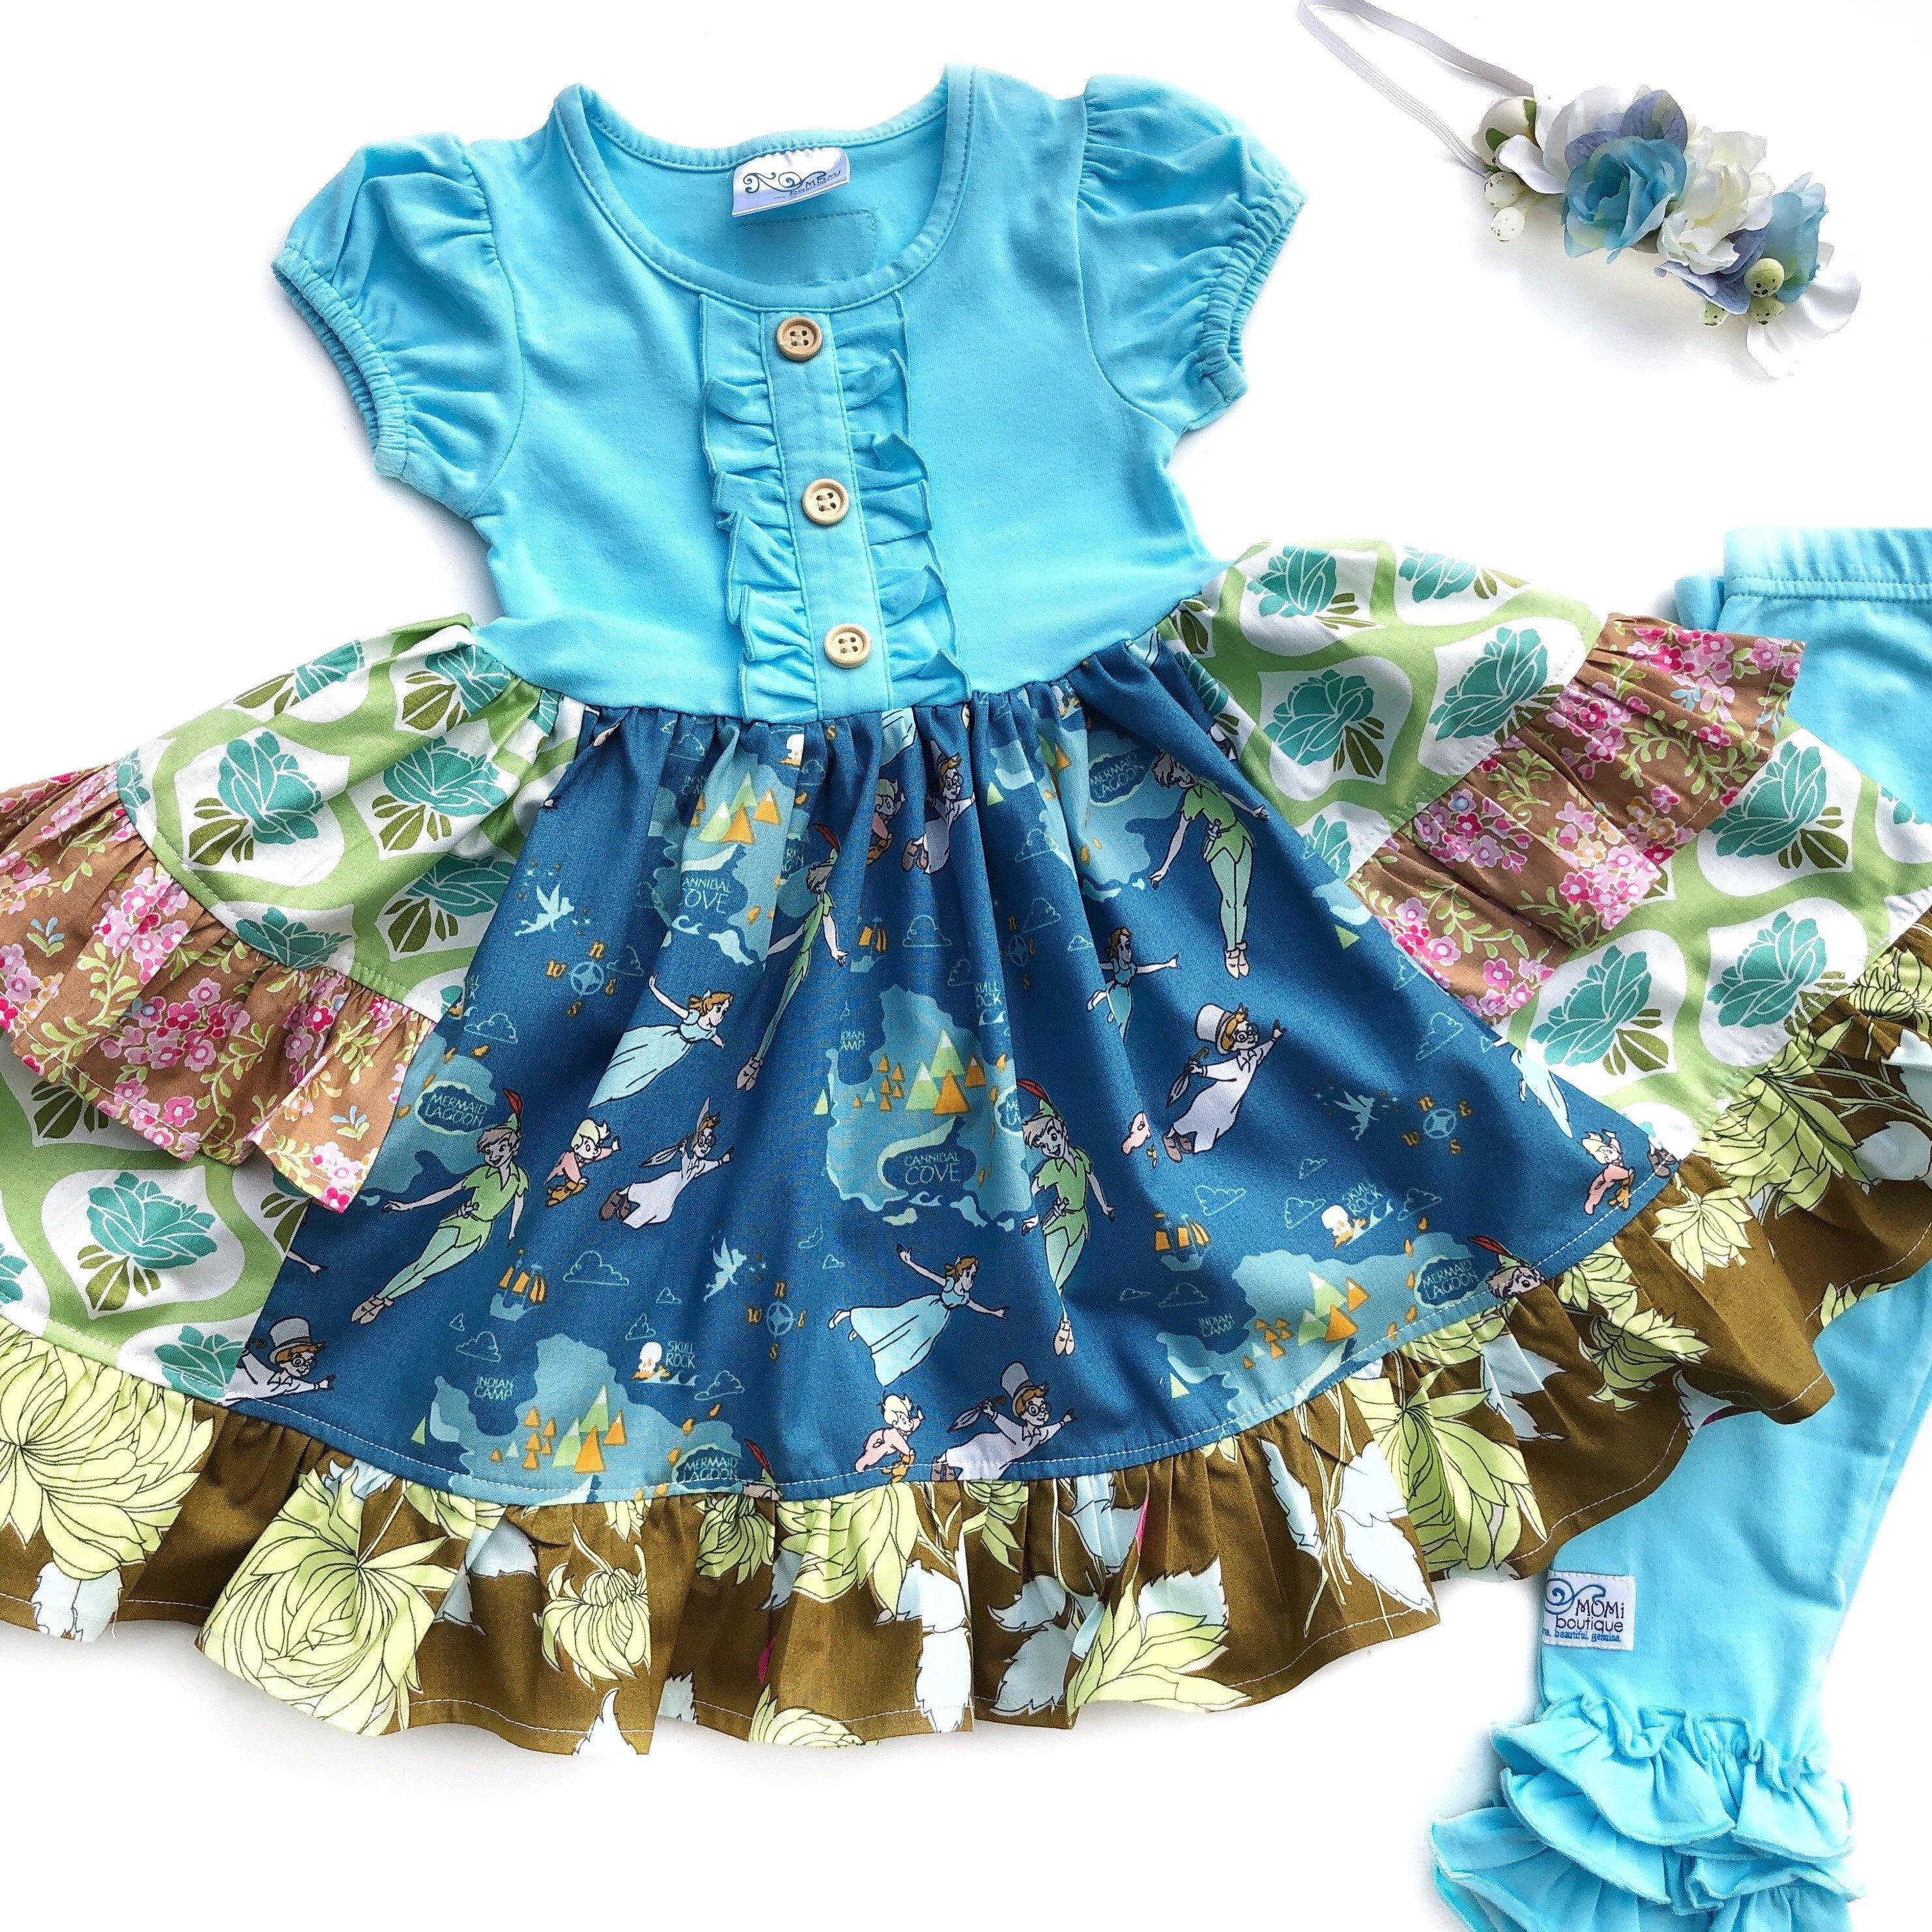 b4d23d242ce7 Peter Pan dress Tinkerbell Disney dress girls dresses for